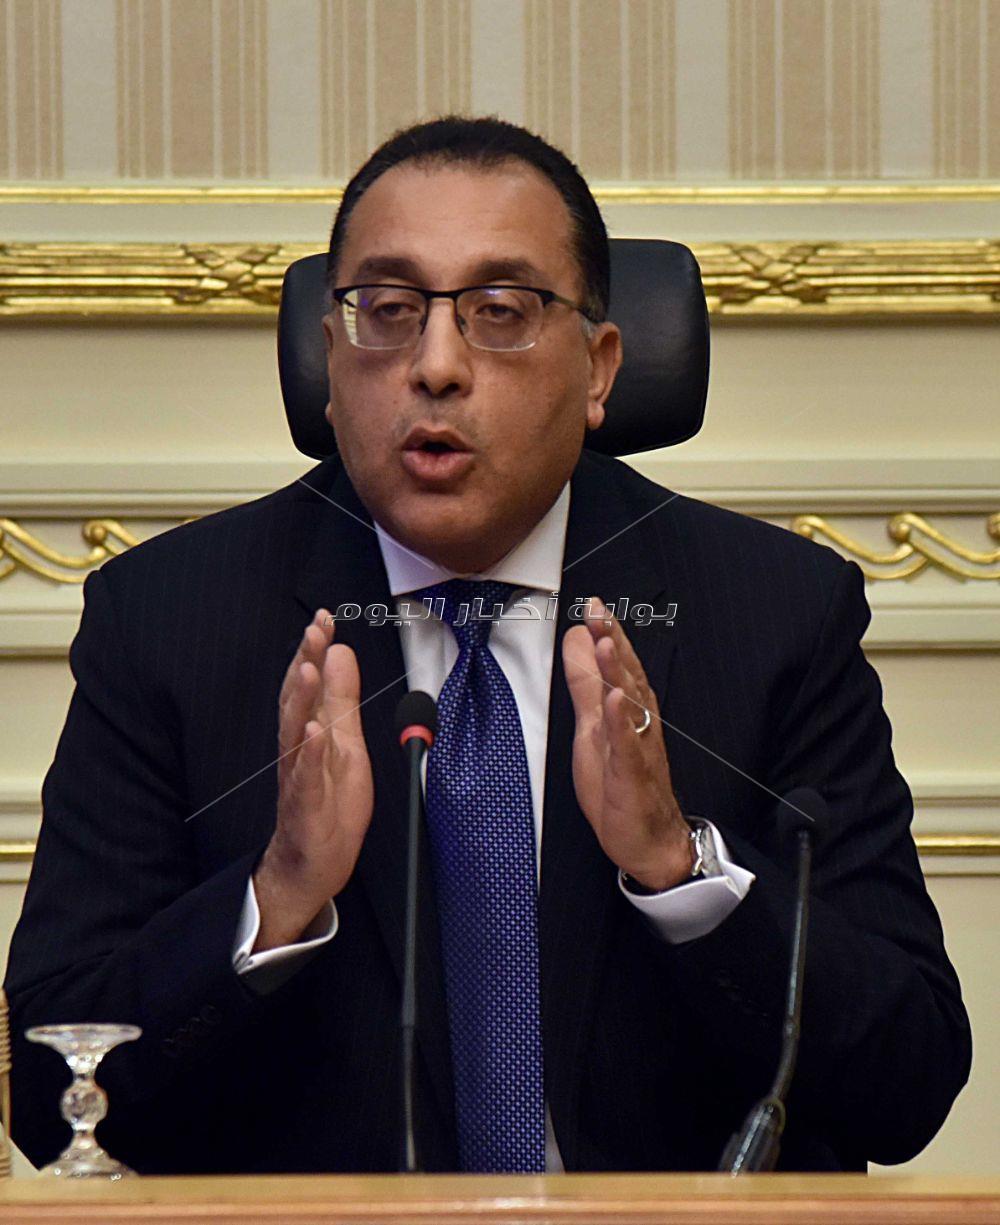 مؤتمر صحفي لرئيس الوزراء_ تصوير: أشرف شحاتة